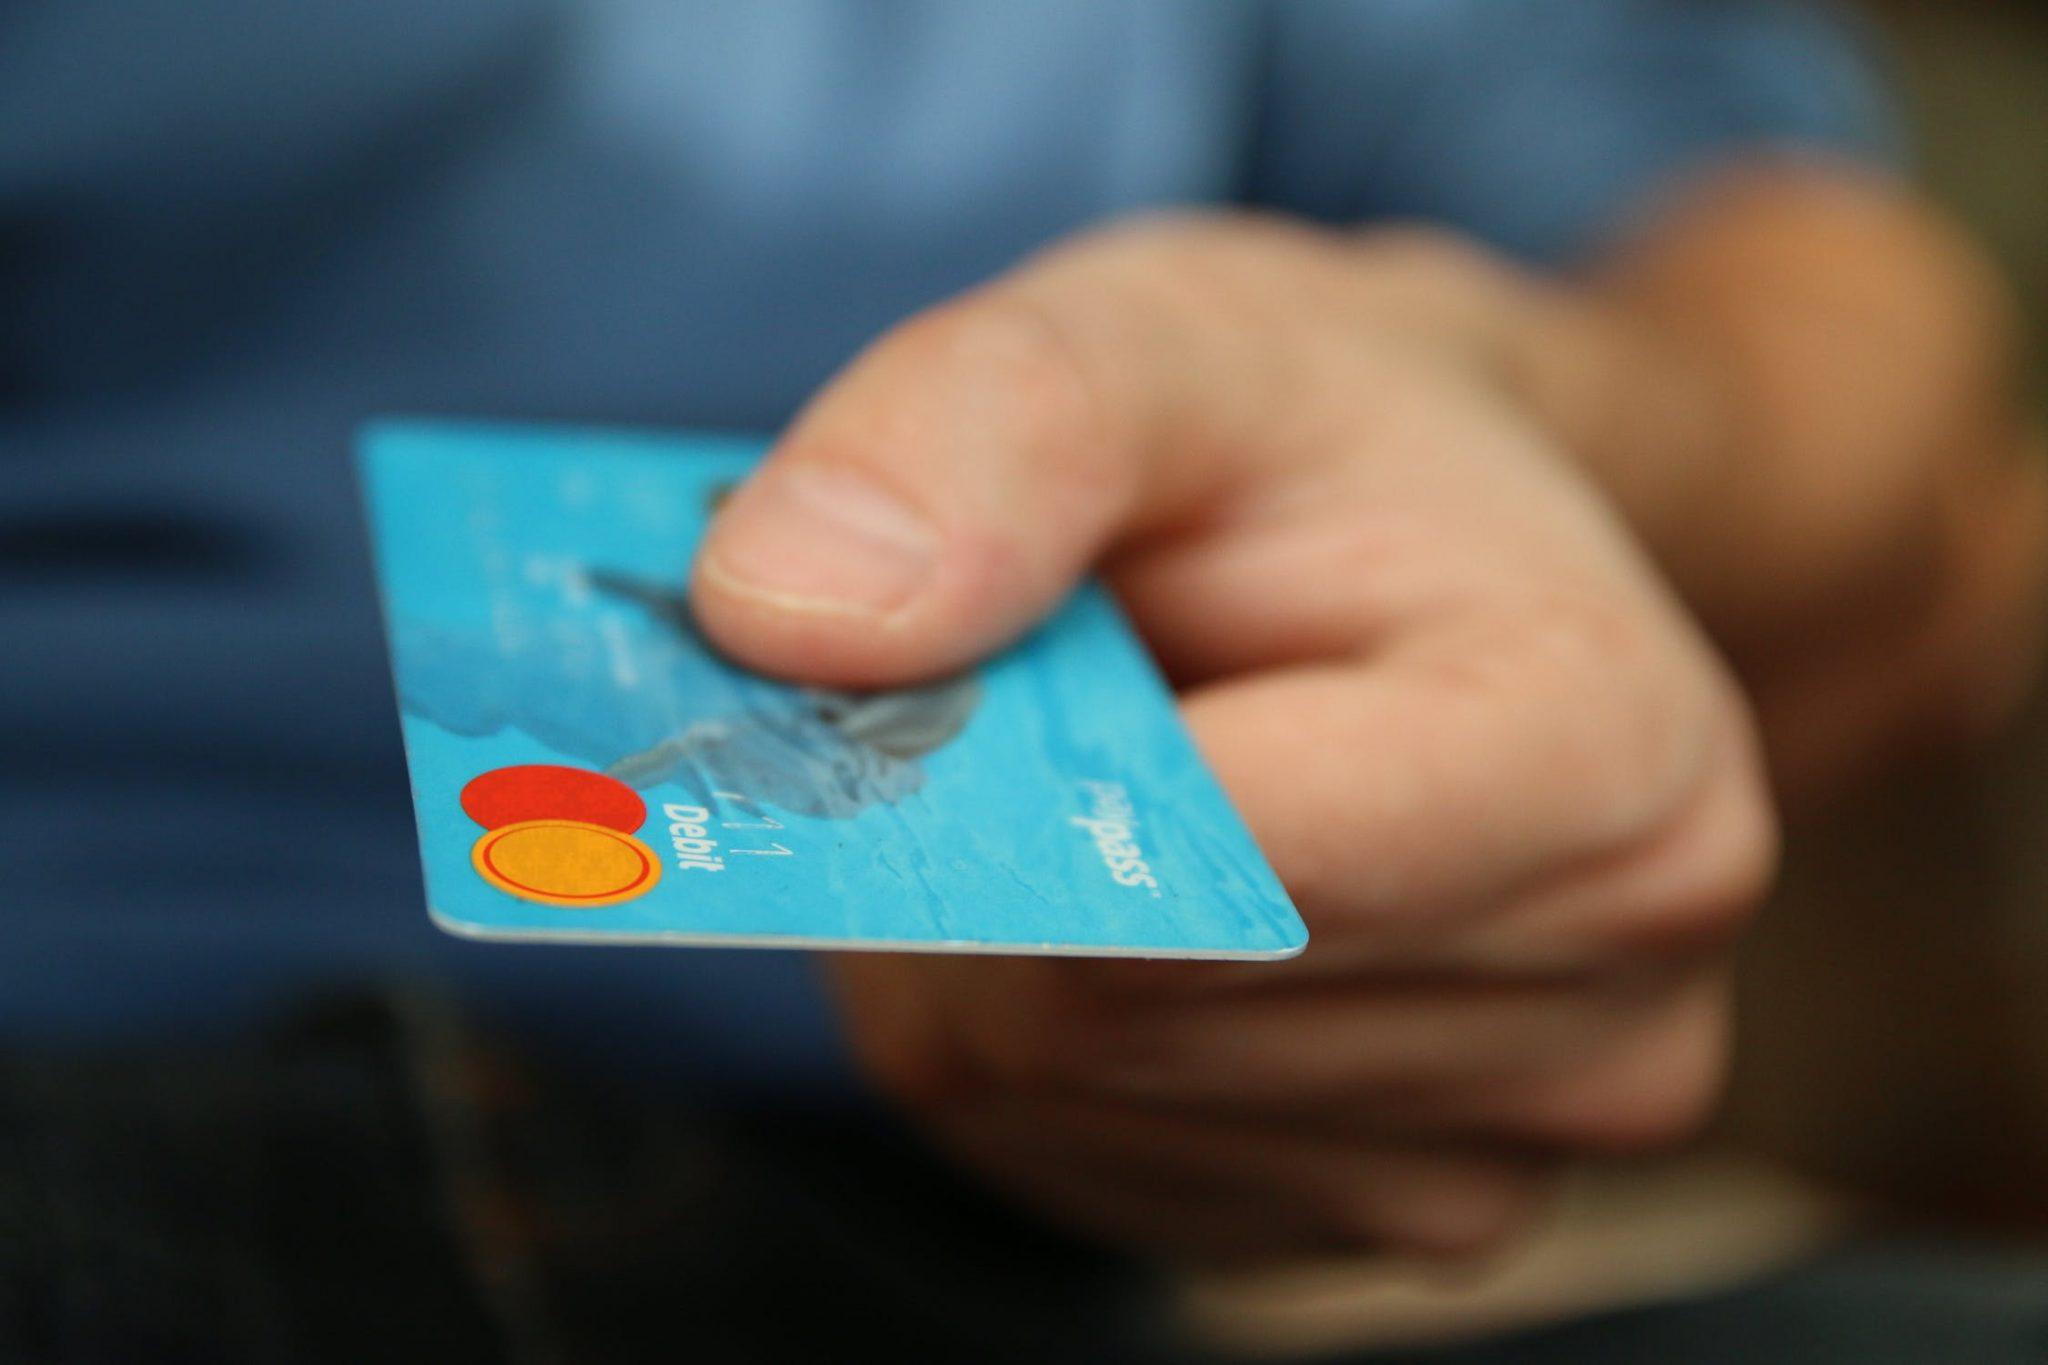 Виды мошенничества с банковскими картами. Как не попасть в ловушку?